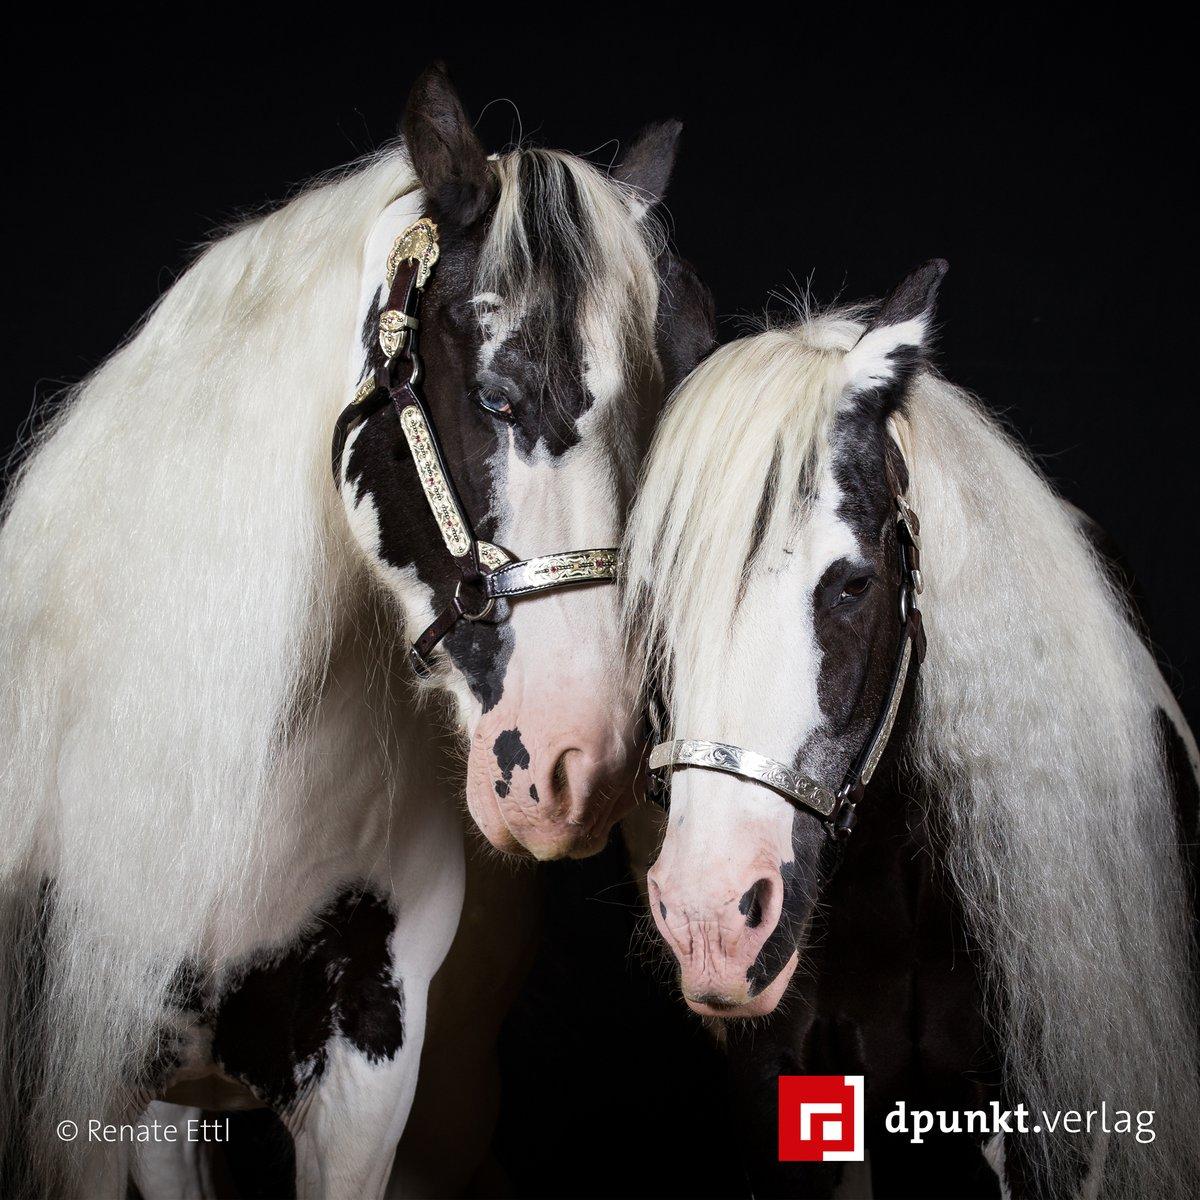 Die beiden Tinker Chicco und Sparky sind unzertrennliche Freunde und zeigen ihre Zuneigung auch bei diesem Doppelporträt im Studio.  Mehr dazu in »Kreative Pferdefotografie«. #tierfotografie #lesetipppic.twitter.com/IeCYLcEEYf